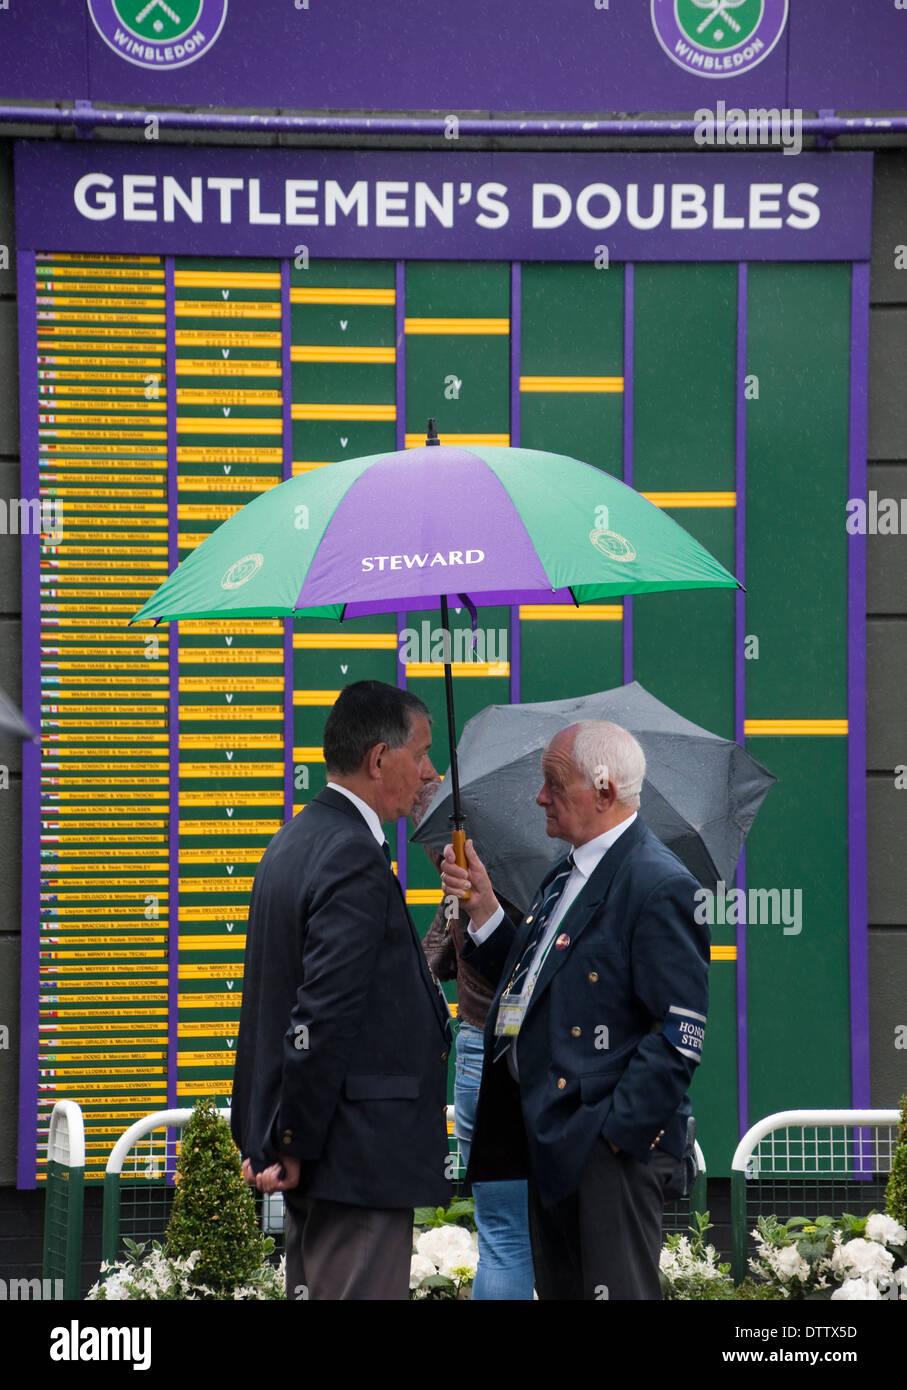 Wimbledon Tennis officials with open umbrella standing in front of Gentlemen's Doubles scoreboard - Stock Image